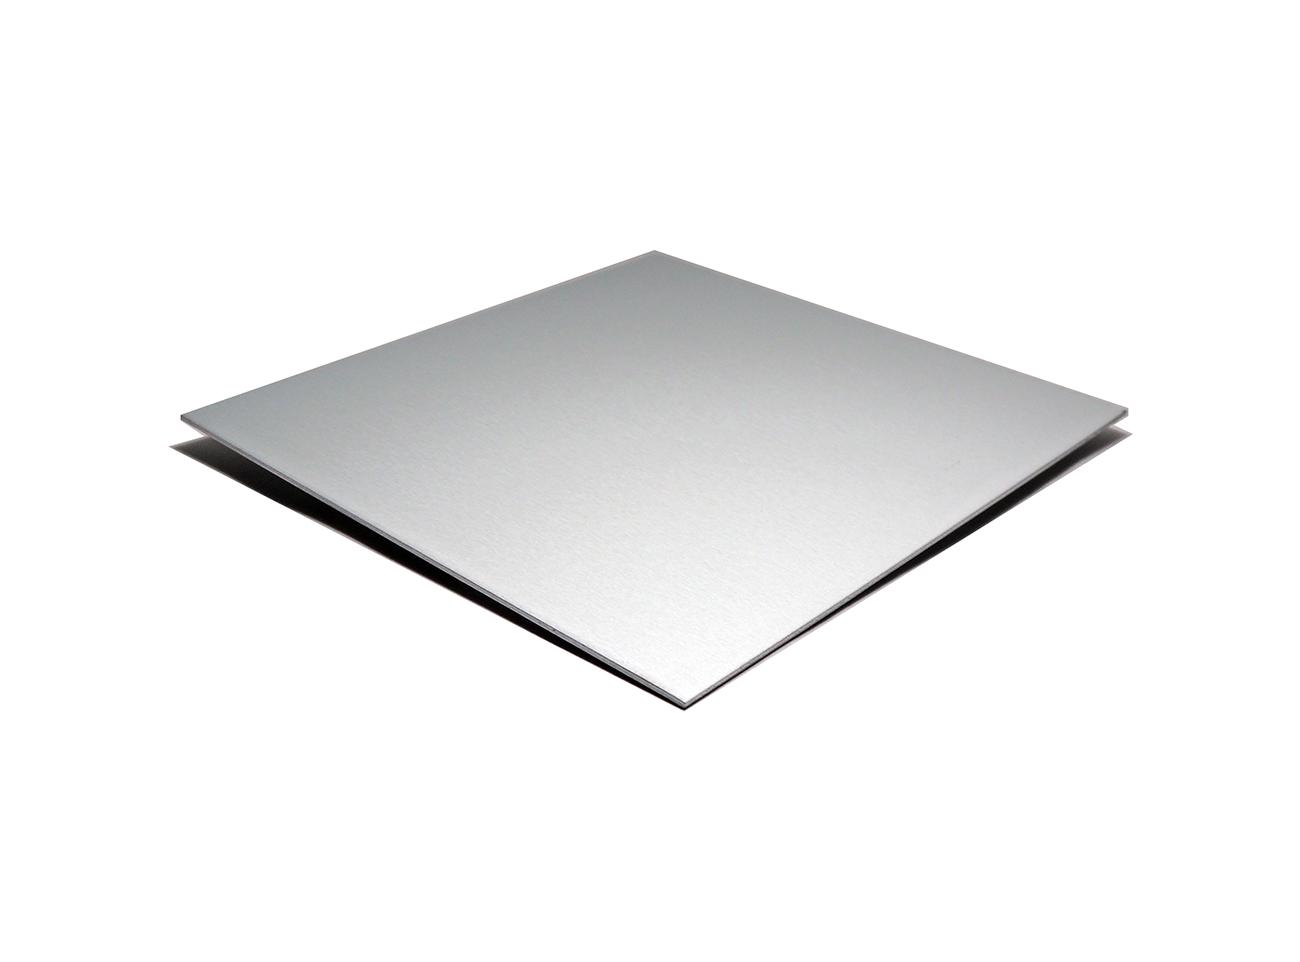 Aluminio Plata